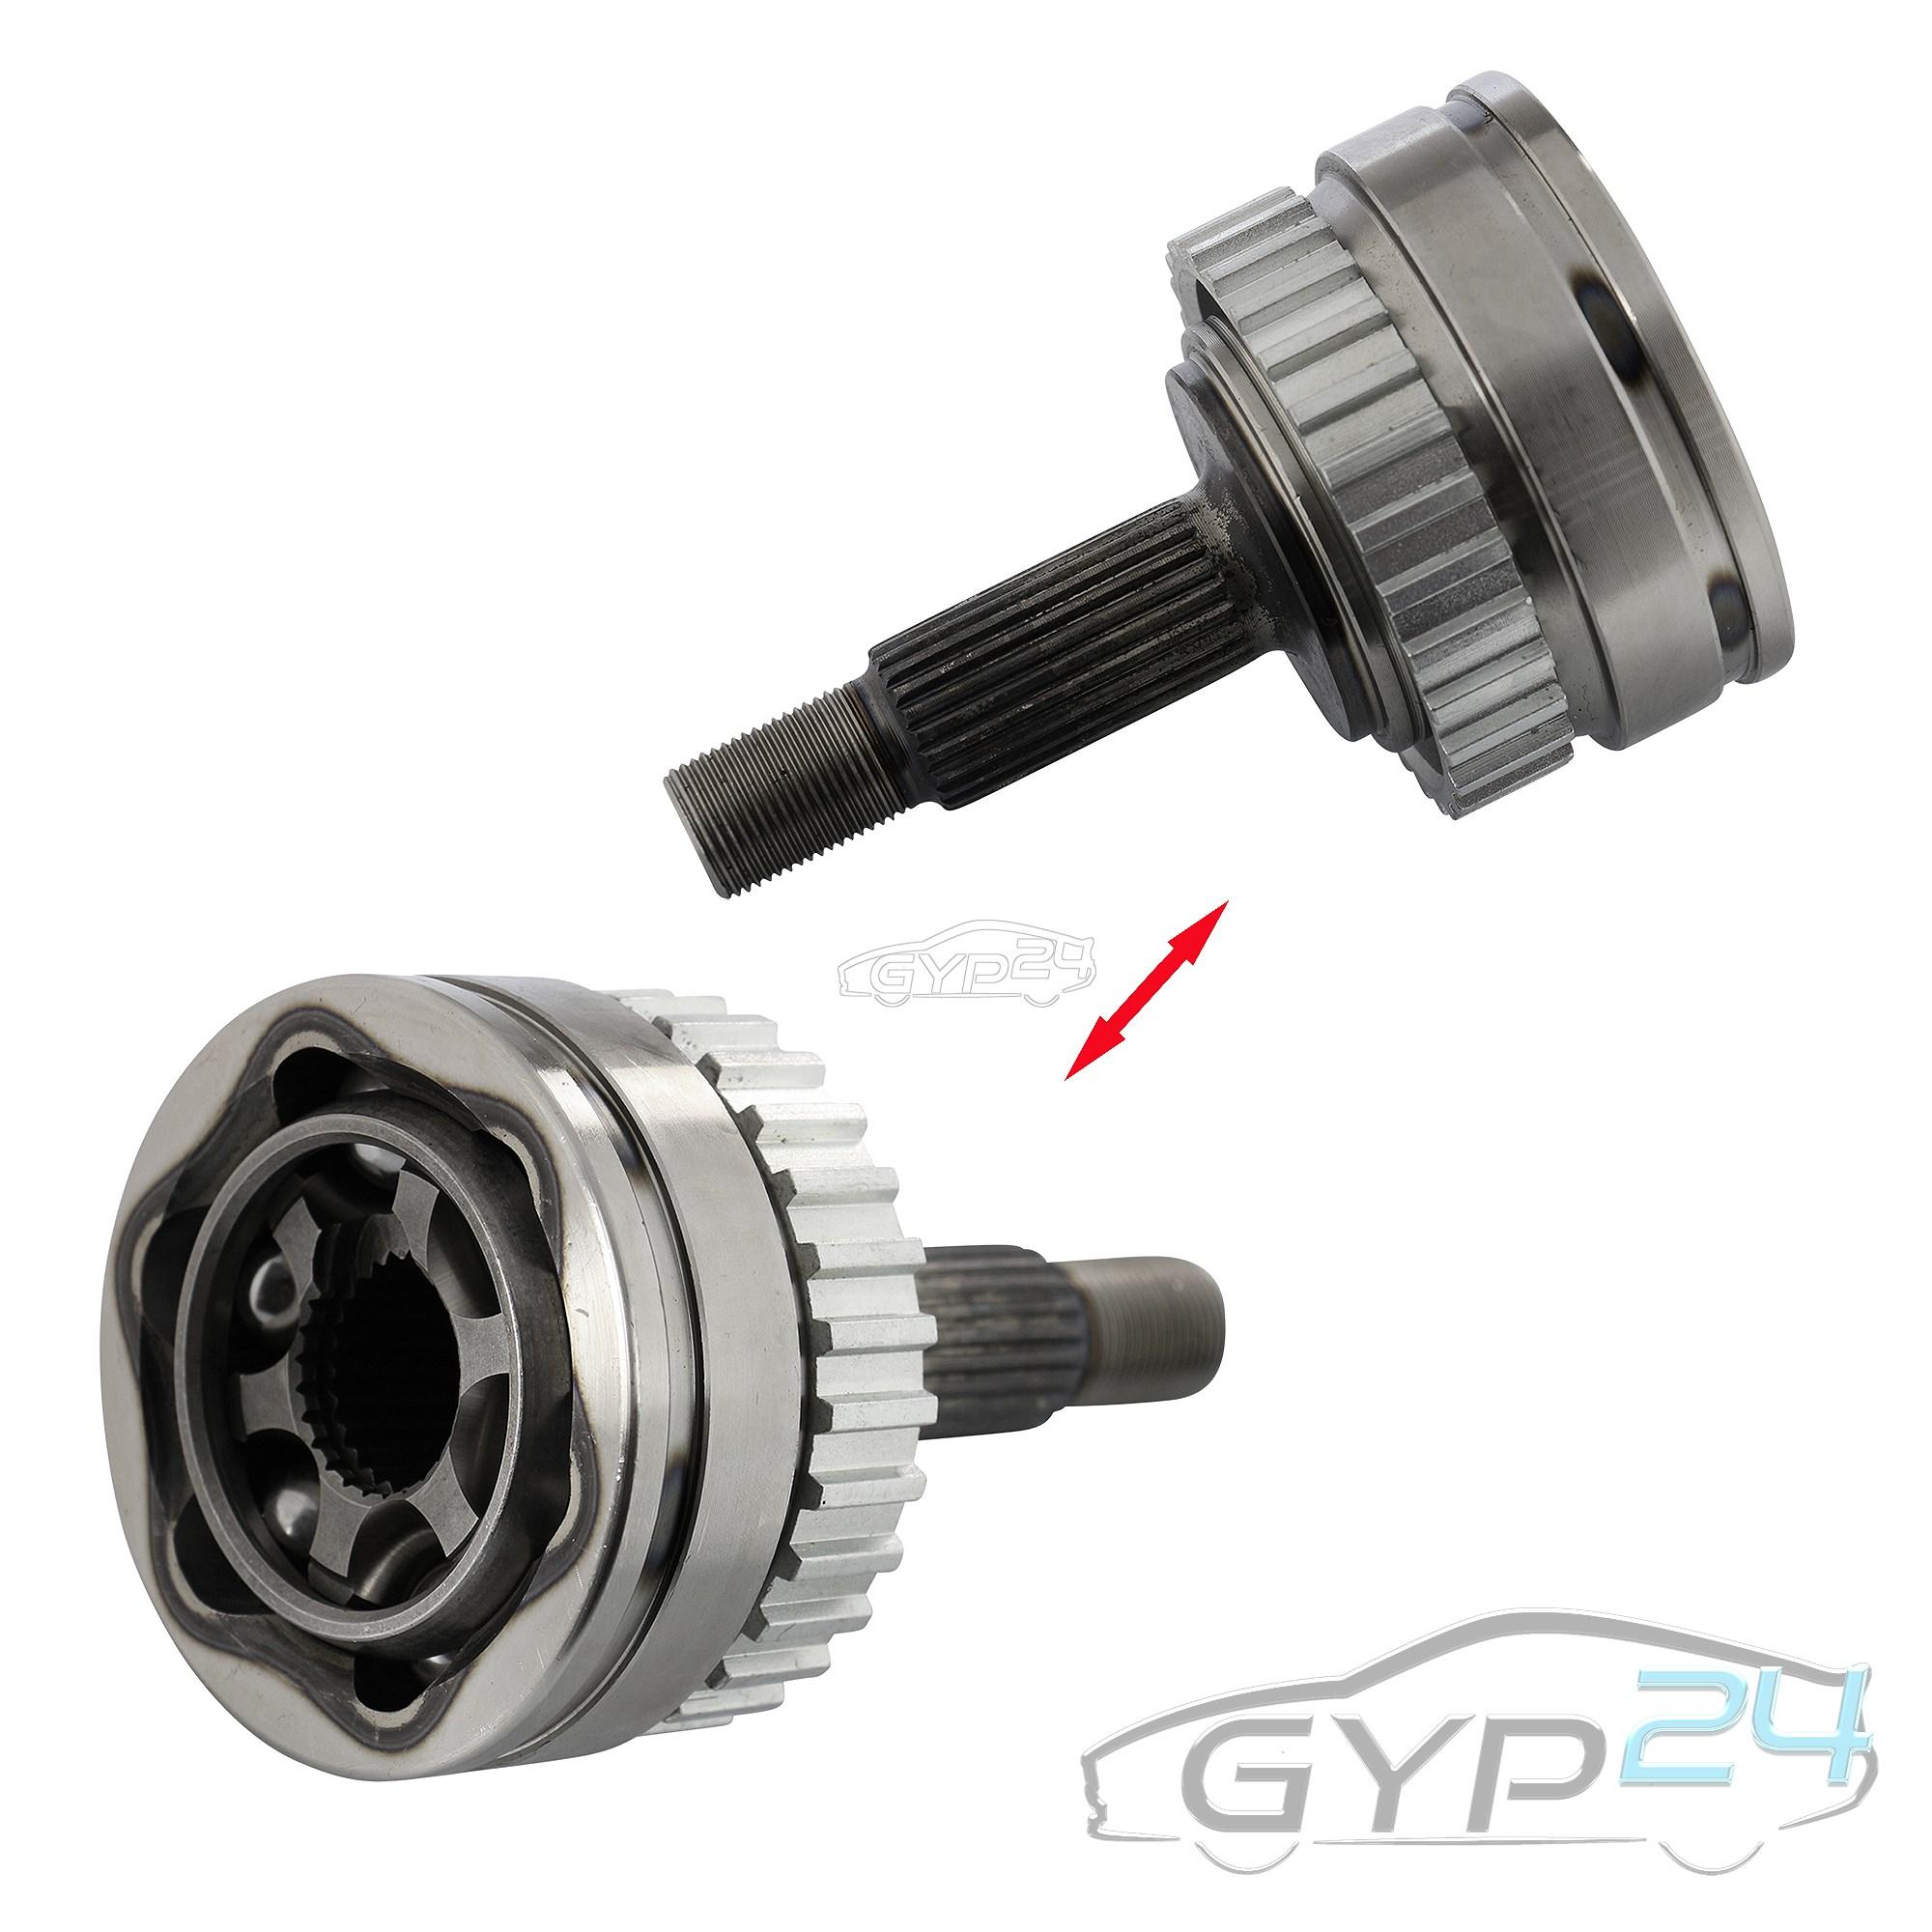 Articulacion-de-las-articulaciones-conjunto-de-propulsion-eje-de-transmision-ondas-articular-con-ABS miniatura 4